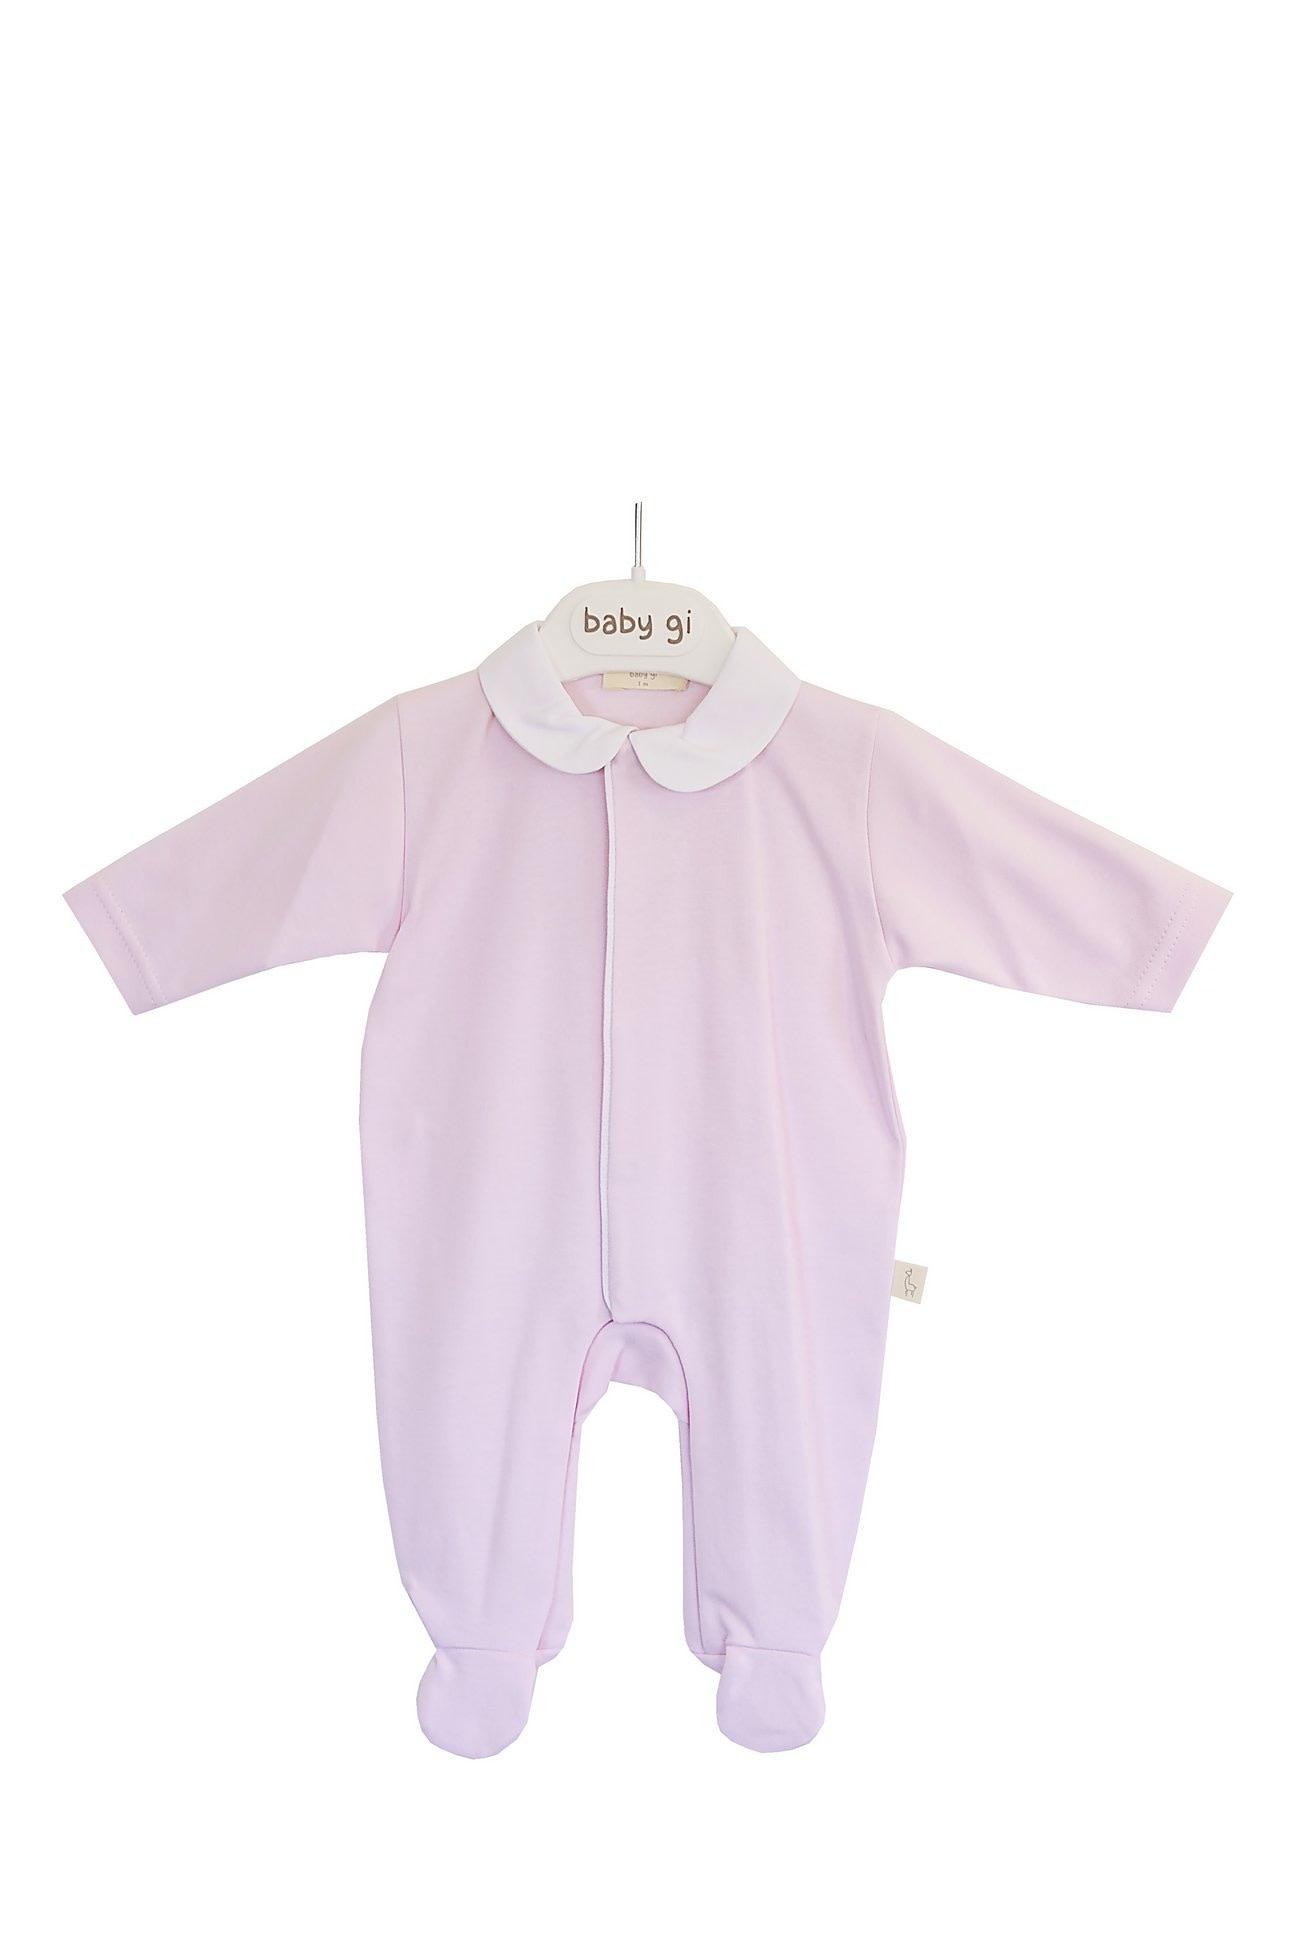 Baby Gi Baby gi Pink Angel Wings Babygrow